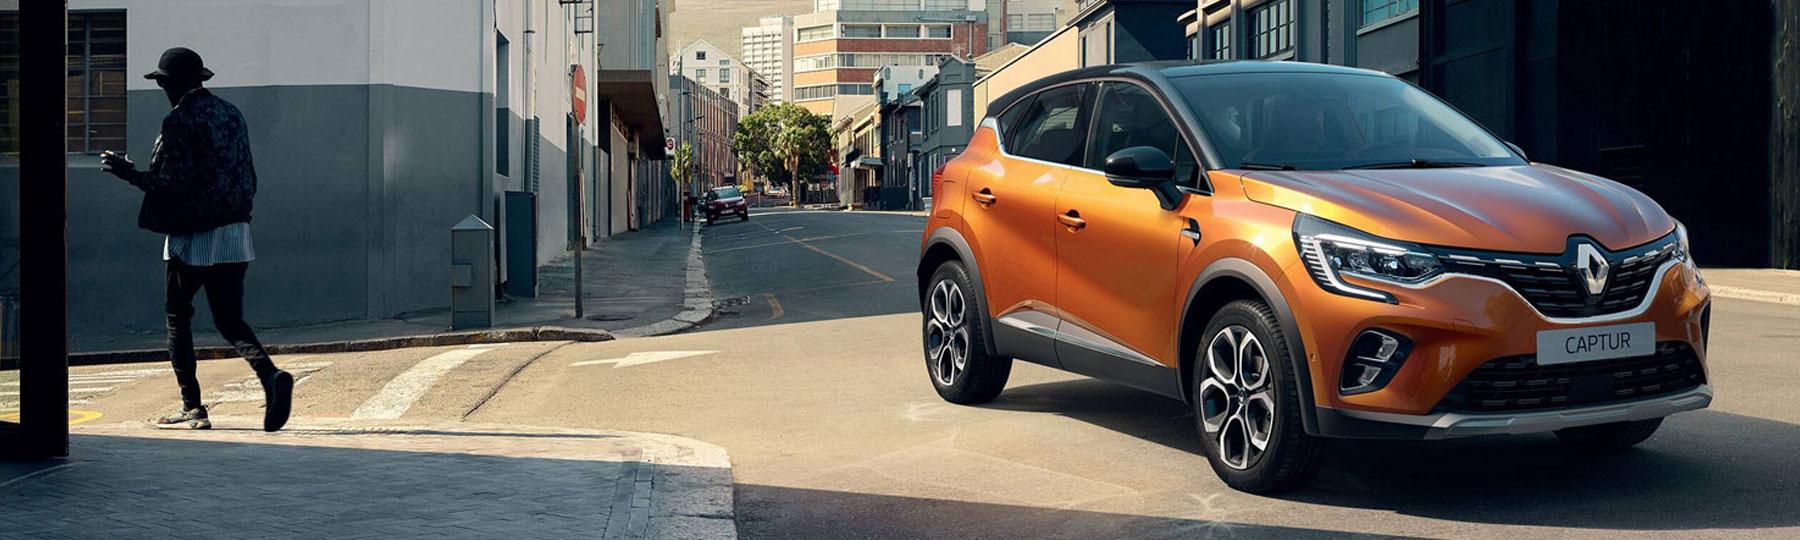 Renault CAPTUR New Car Offer